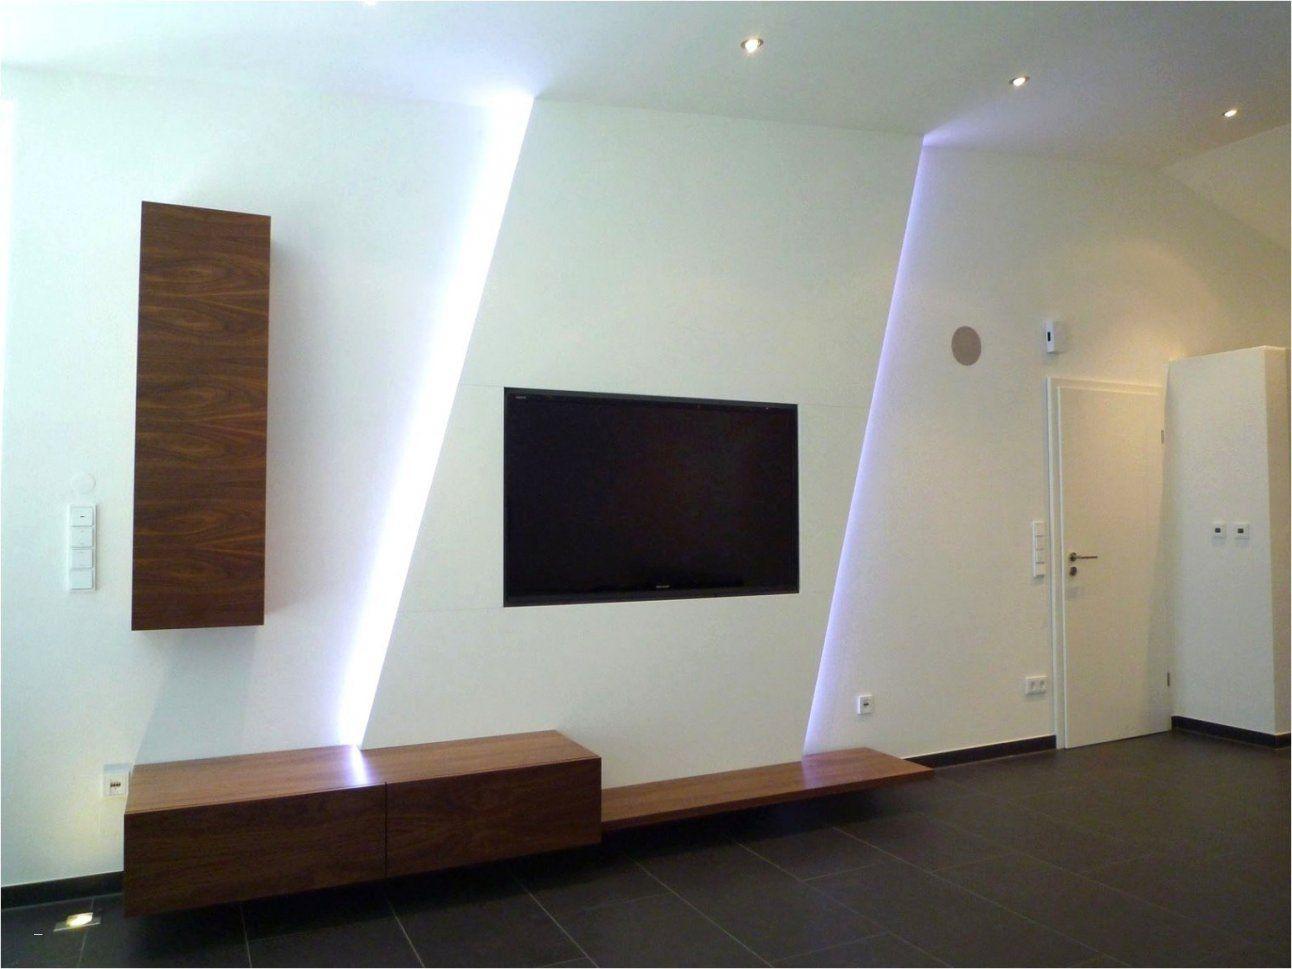 Led Beleuchtung Wohnzimmer Ideen Luxus Groß Led Indirekte von Led Beleuchtung Wohnzimmer Selber Bauen Bild